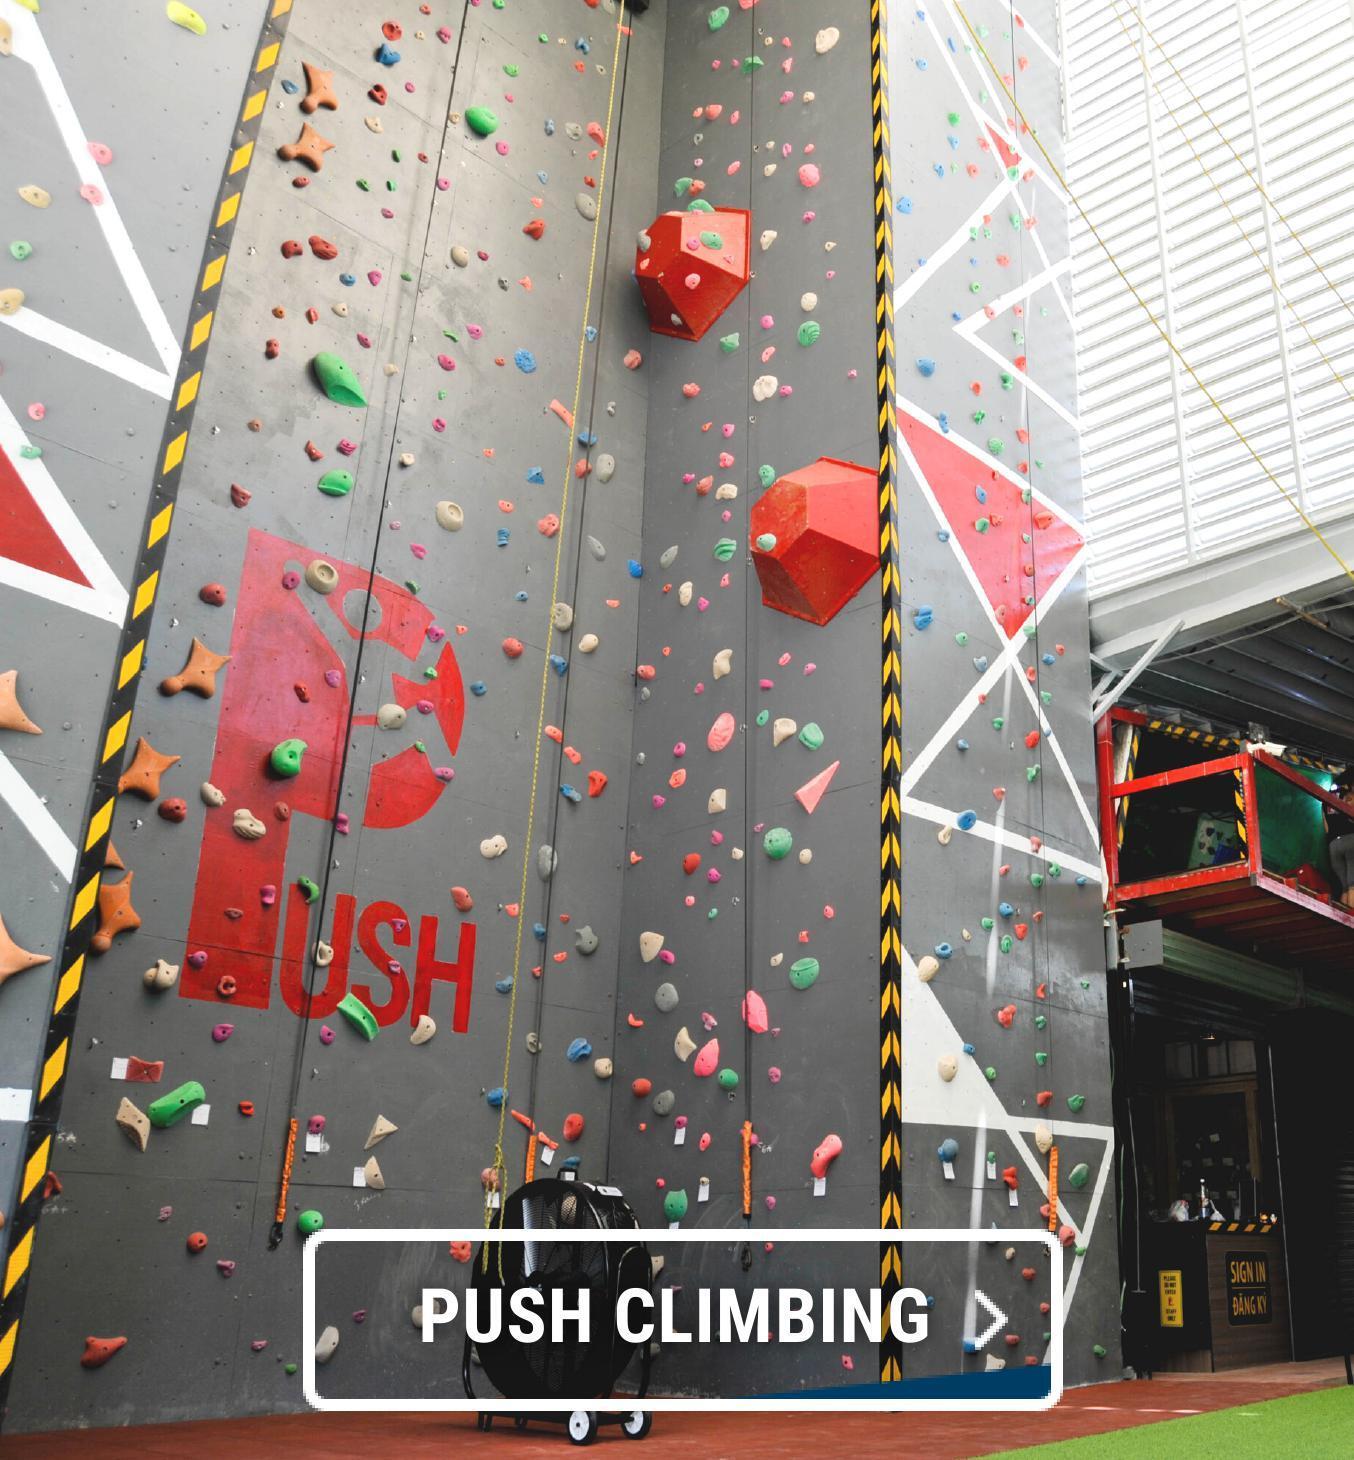 Click&collect, click and collect, đối tác giao hàng, pushclimbing,leo núi, leo núi nhân tạo, leo núi quận 2